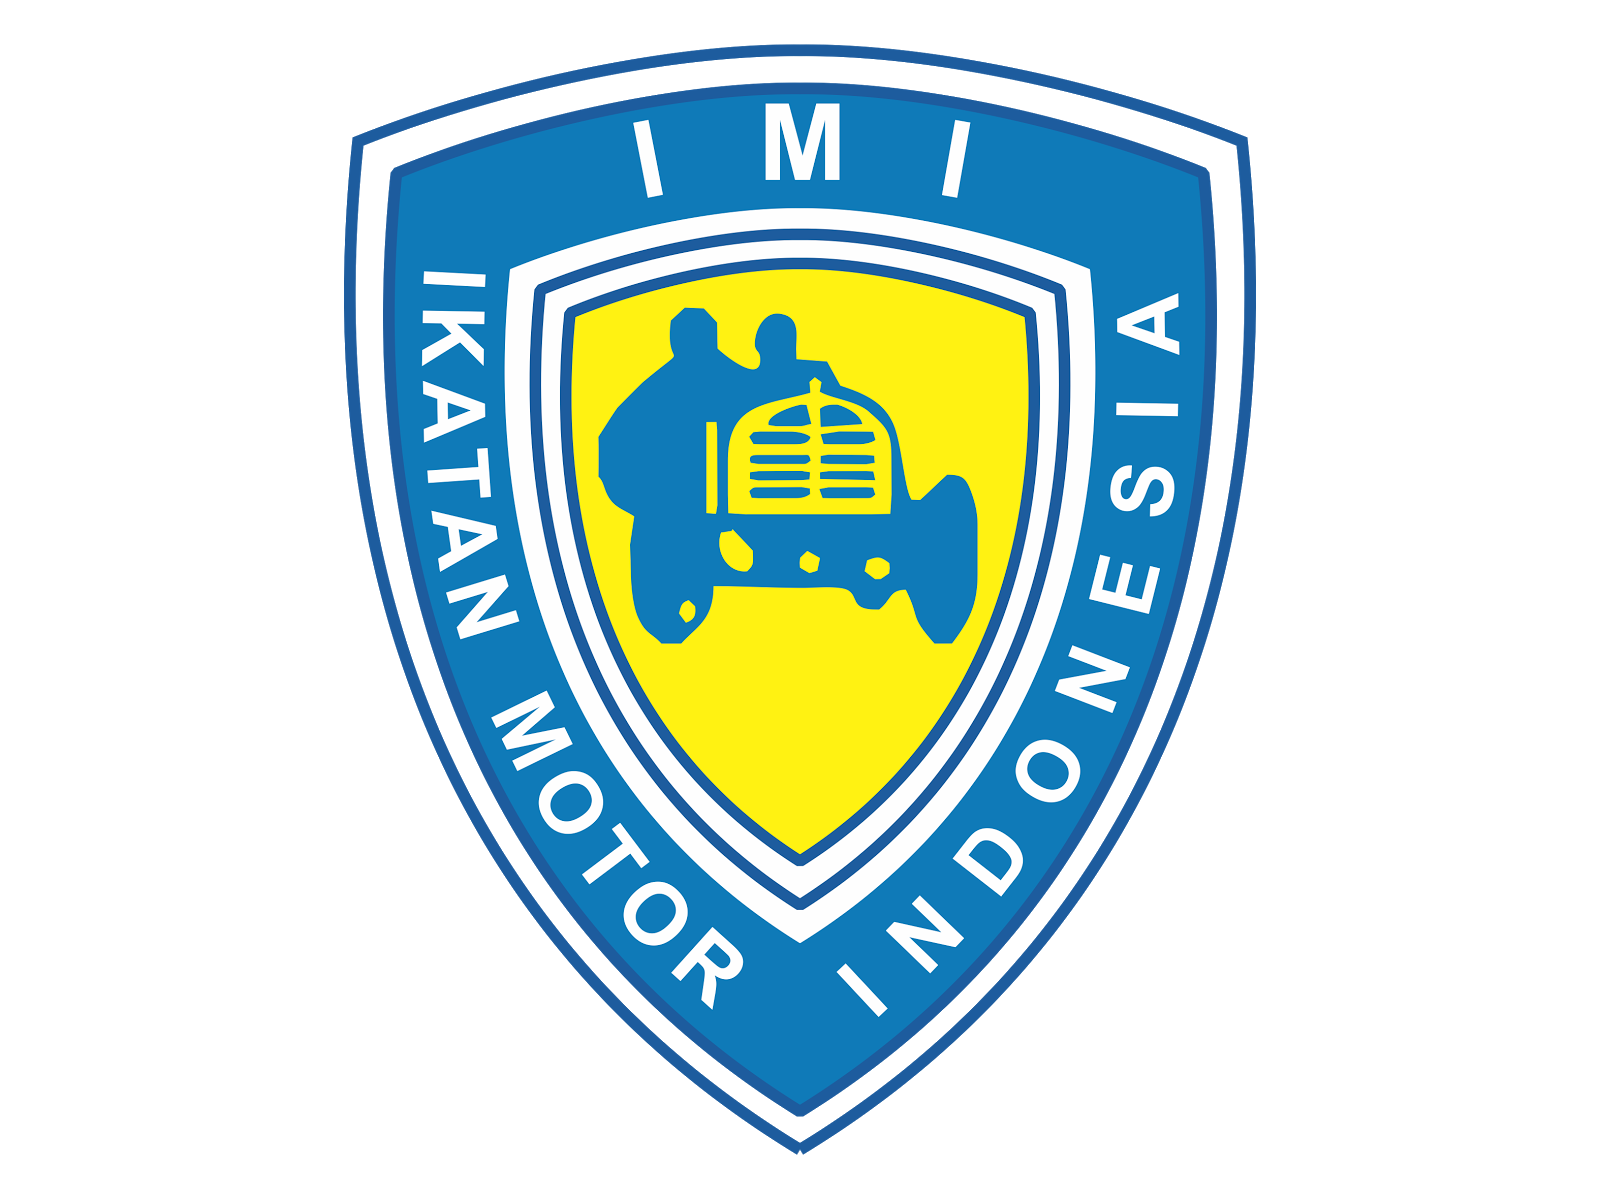 Logo Imi Png.